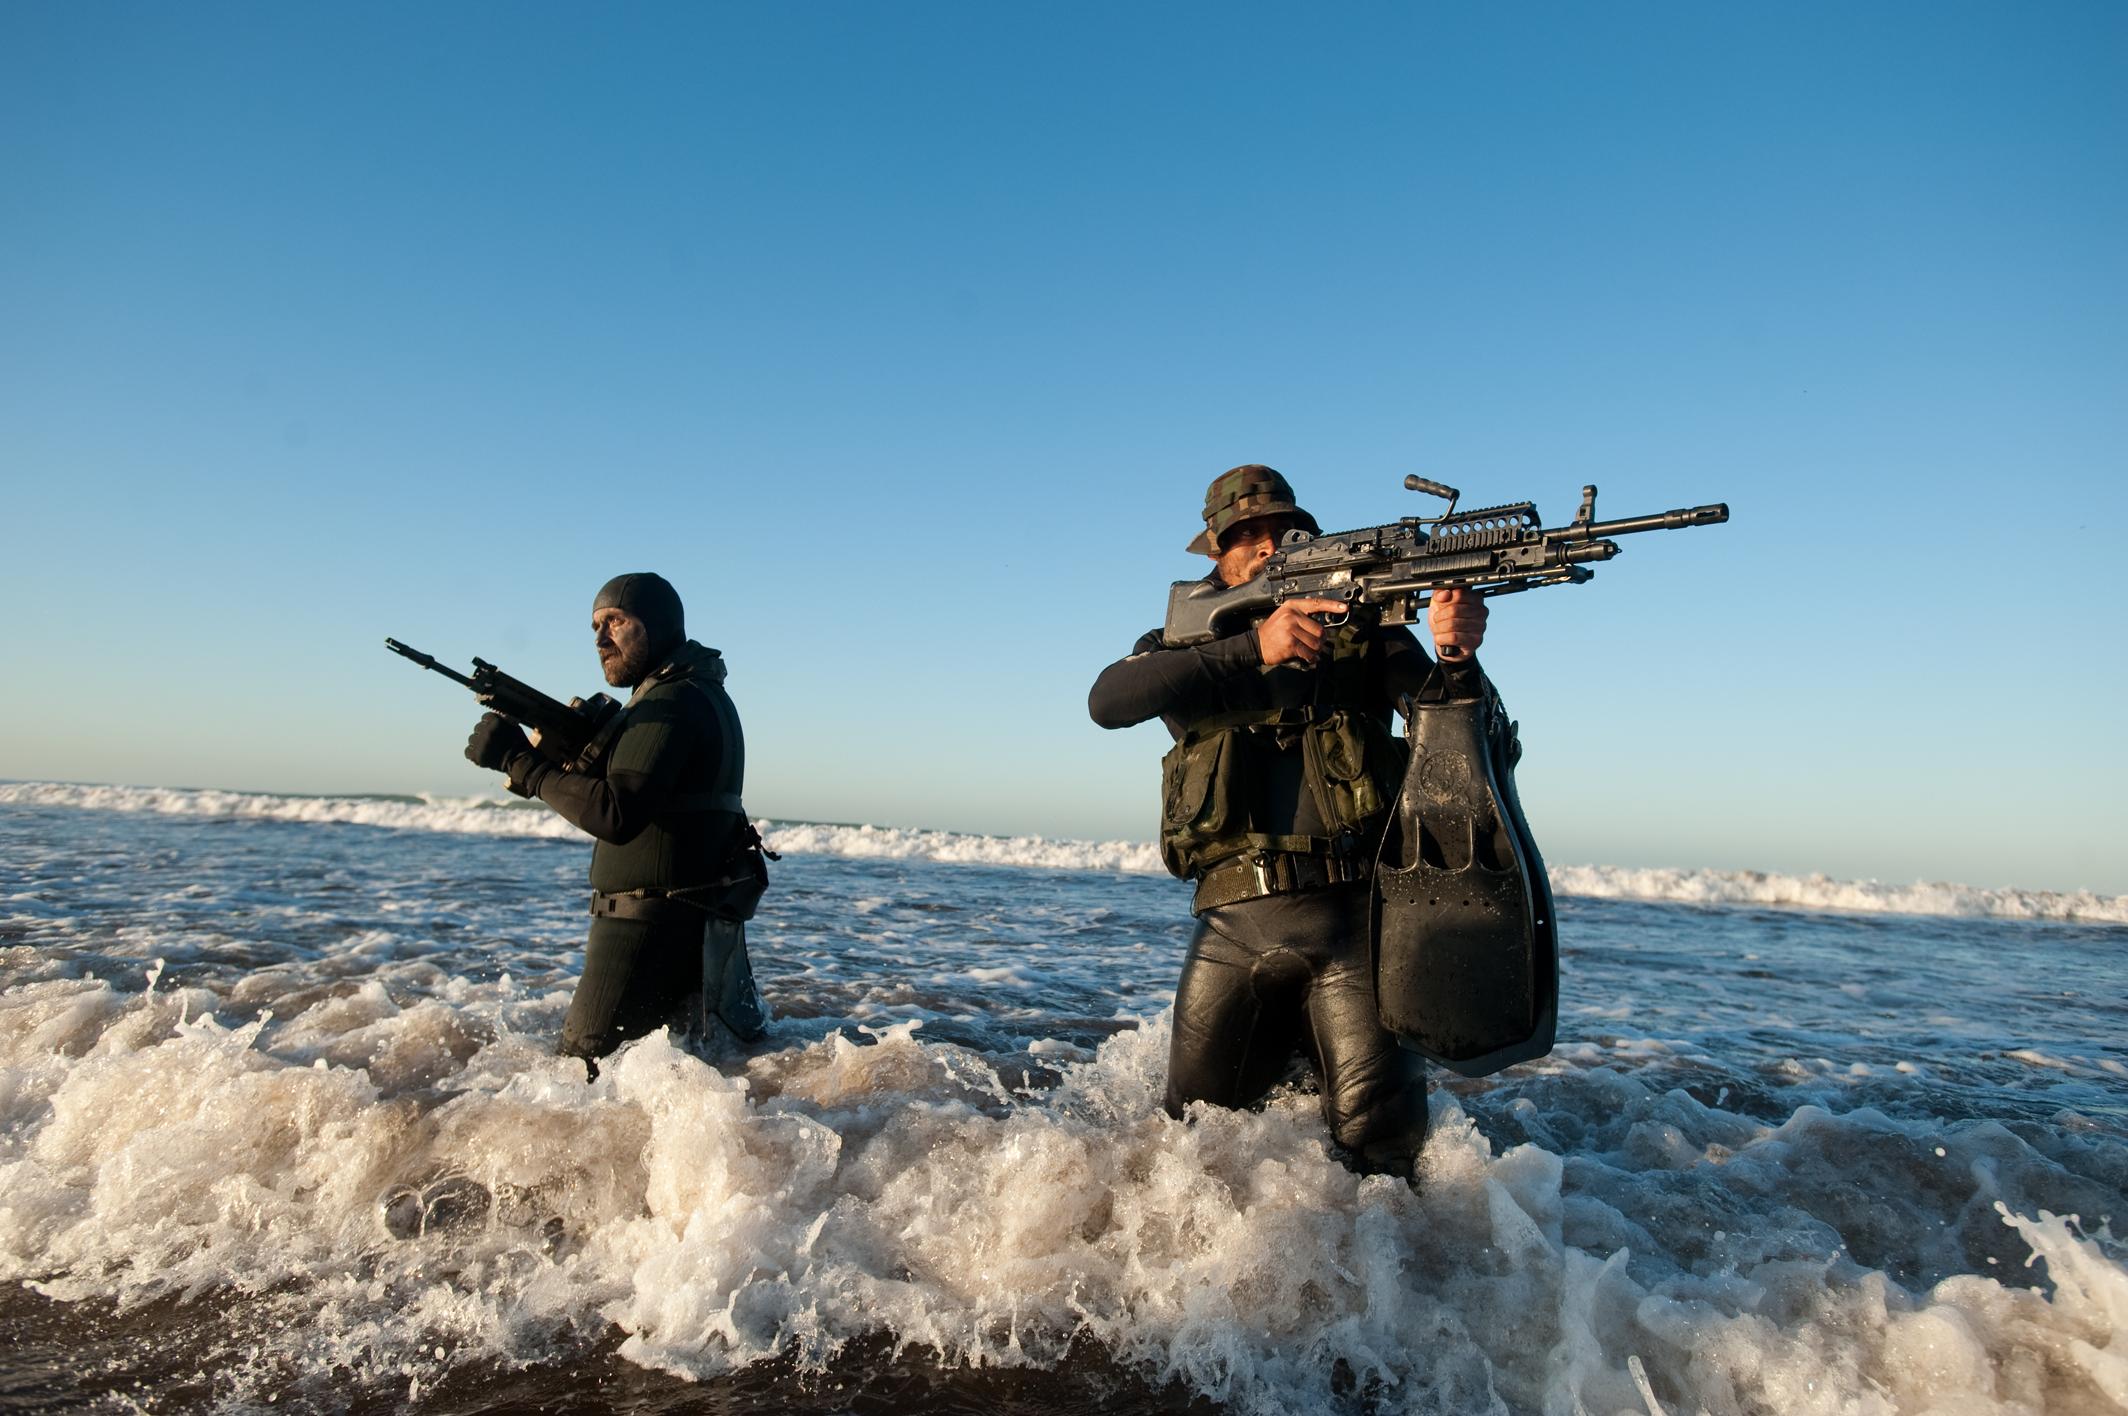 La Tabella di Allenamento del Corpo Speciale dei Navy Seal